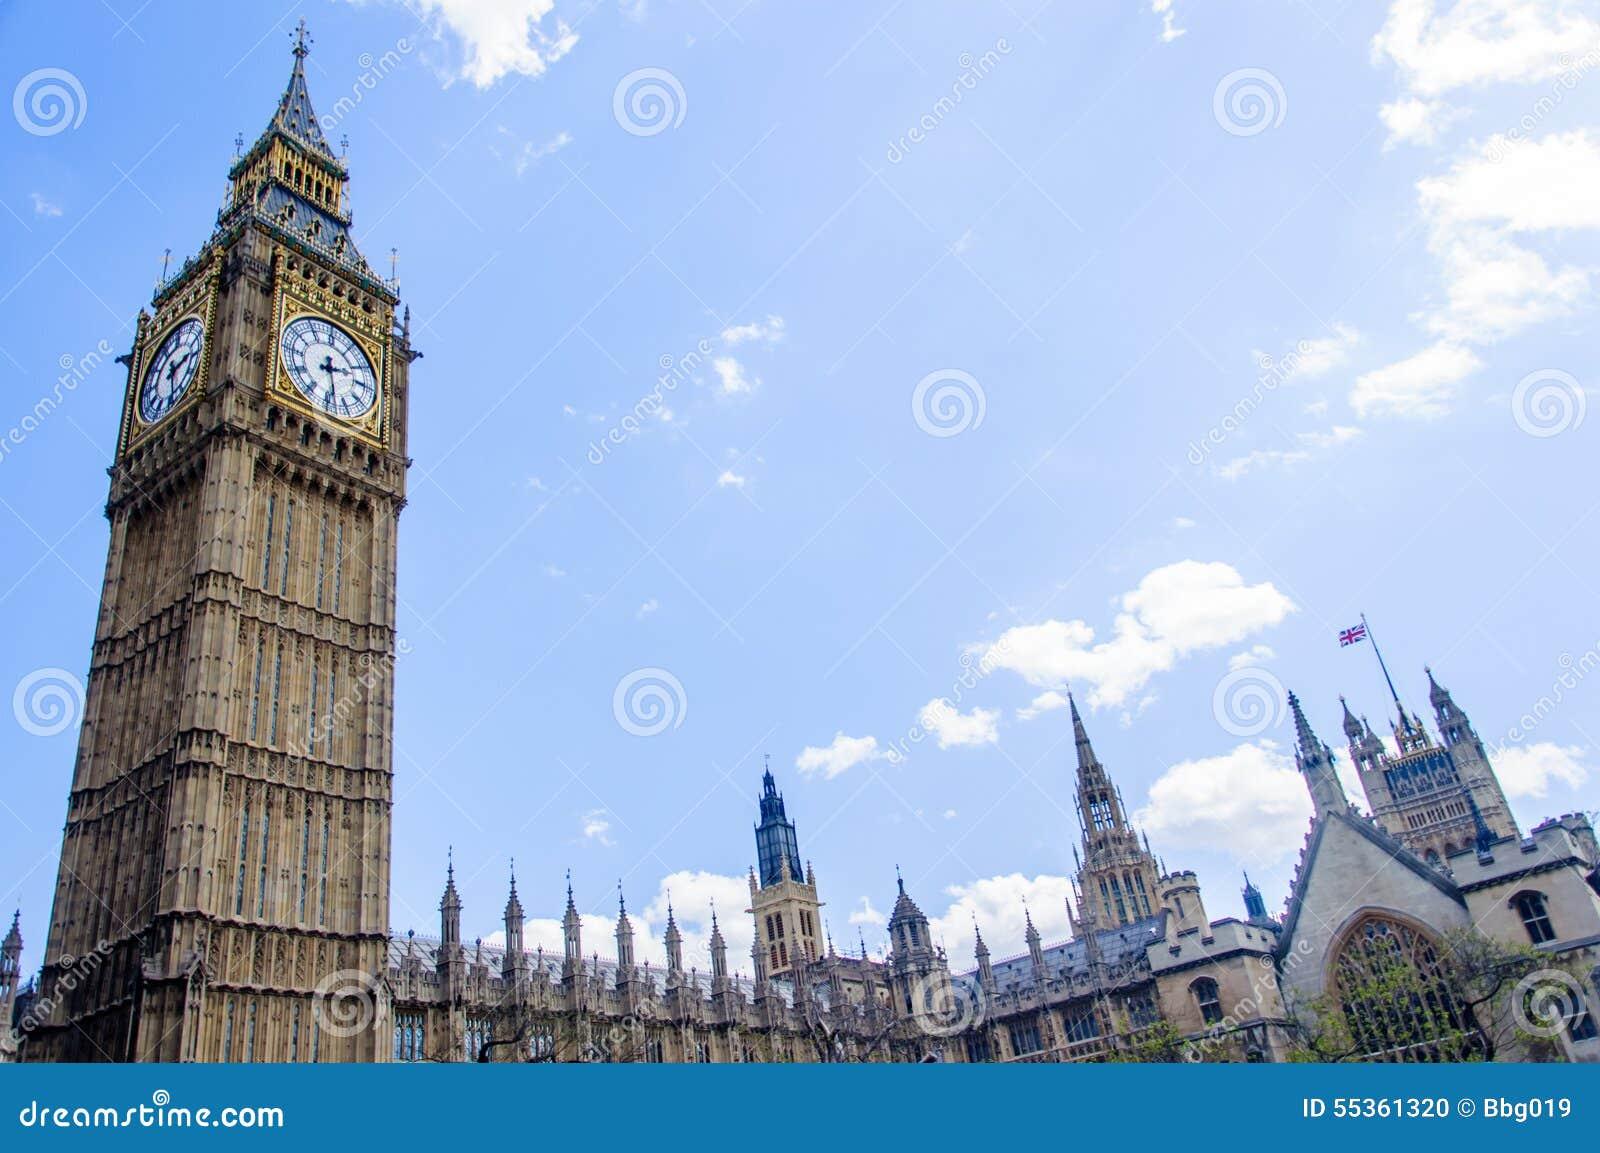 Big Ben Londra, Regno Unito